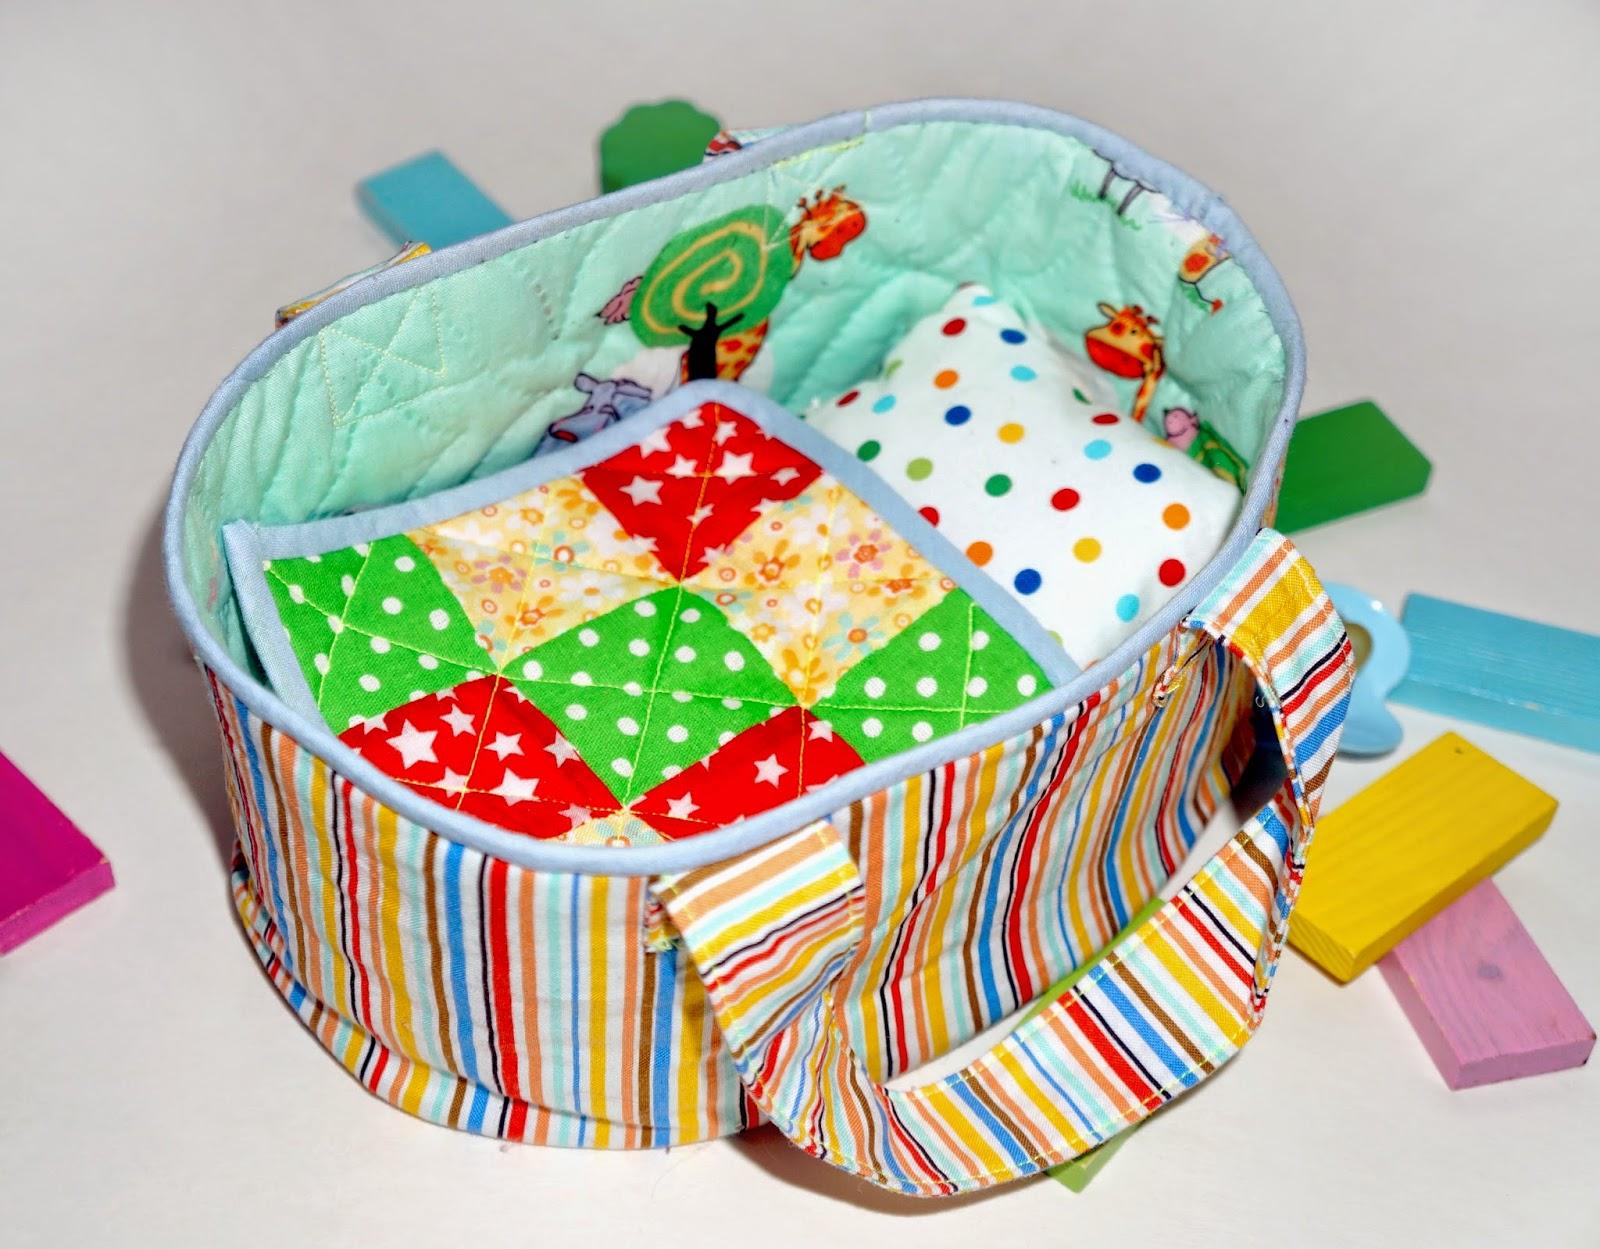 Игрушечная сумка-переноска, или кроватка для пупса.